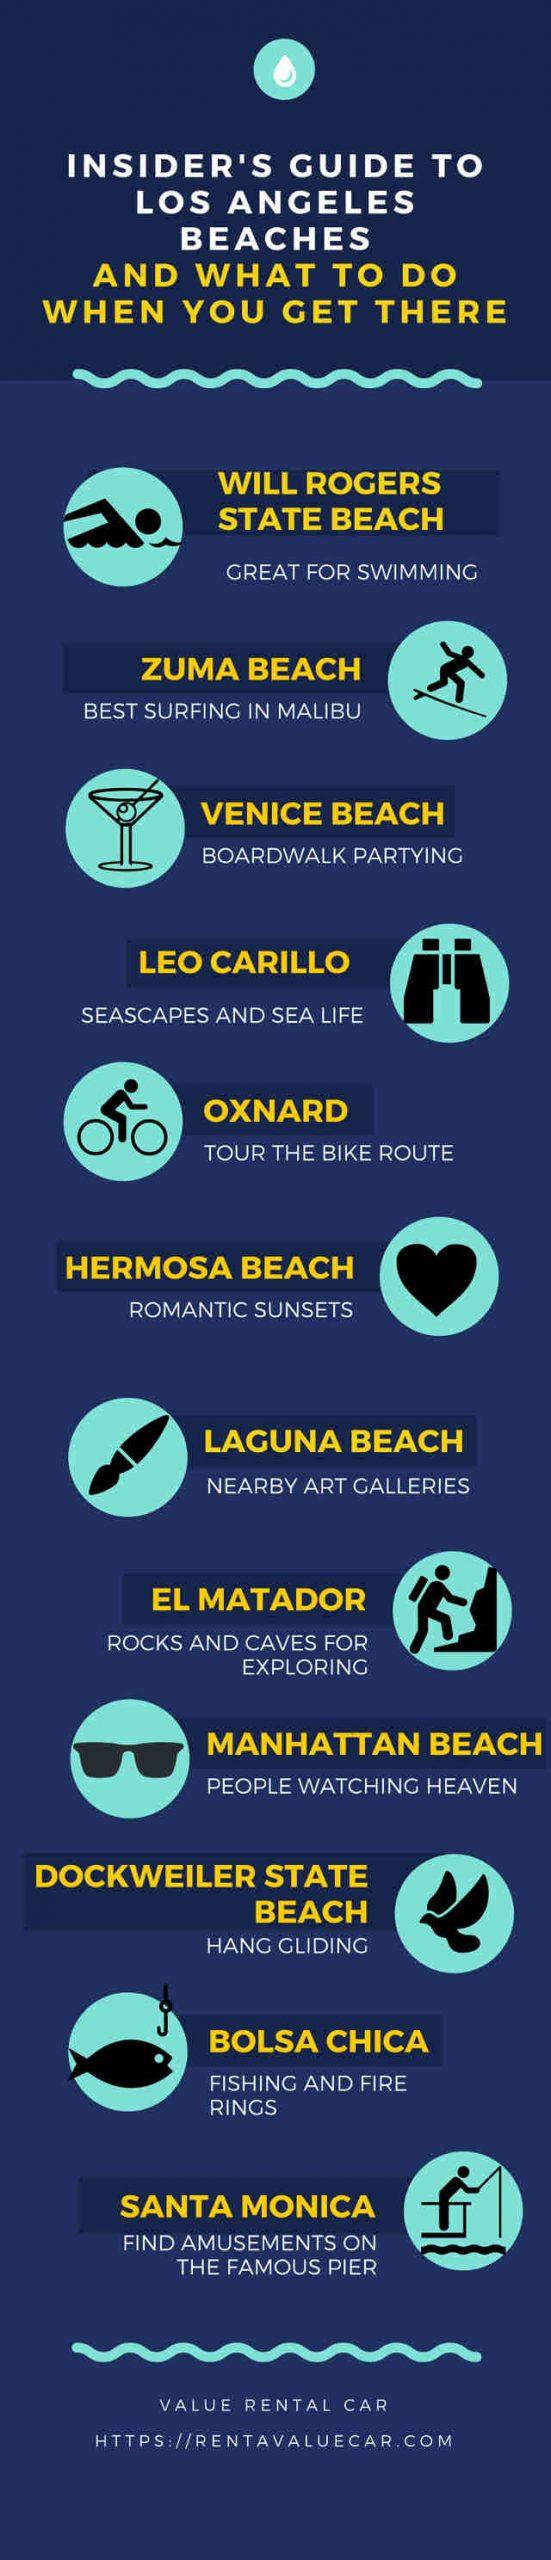 Los Angeles Beach guide rentavaluecar.com